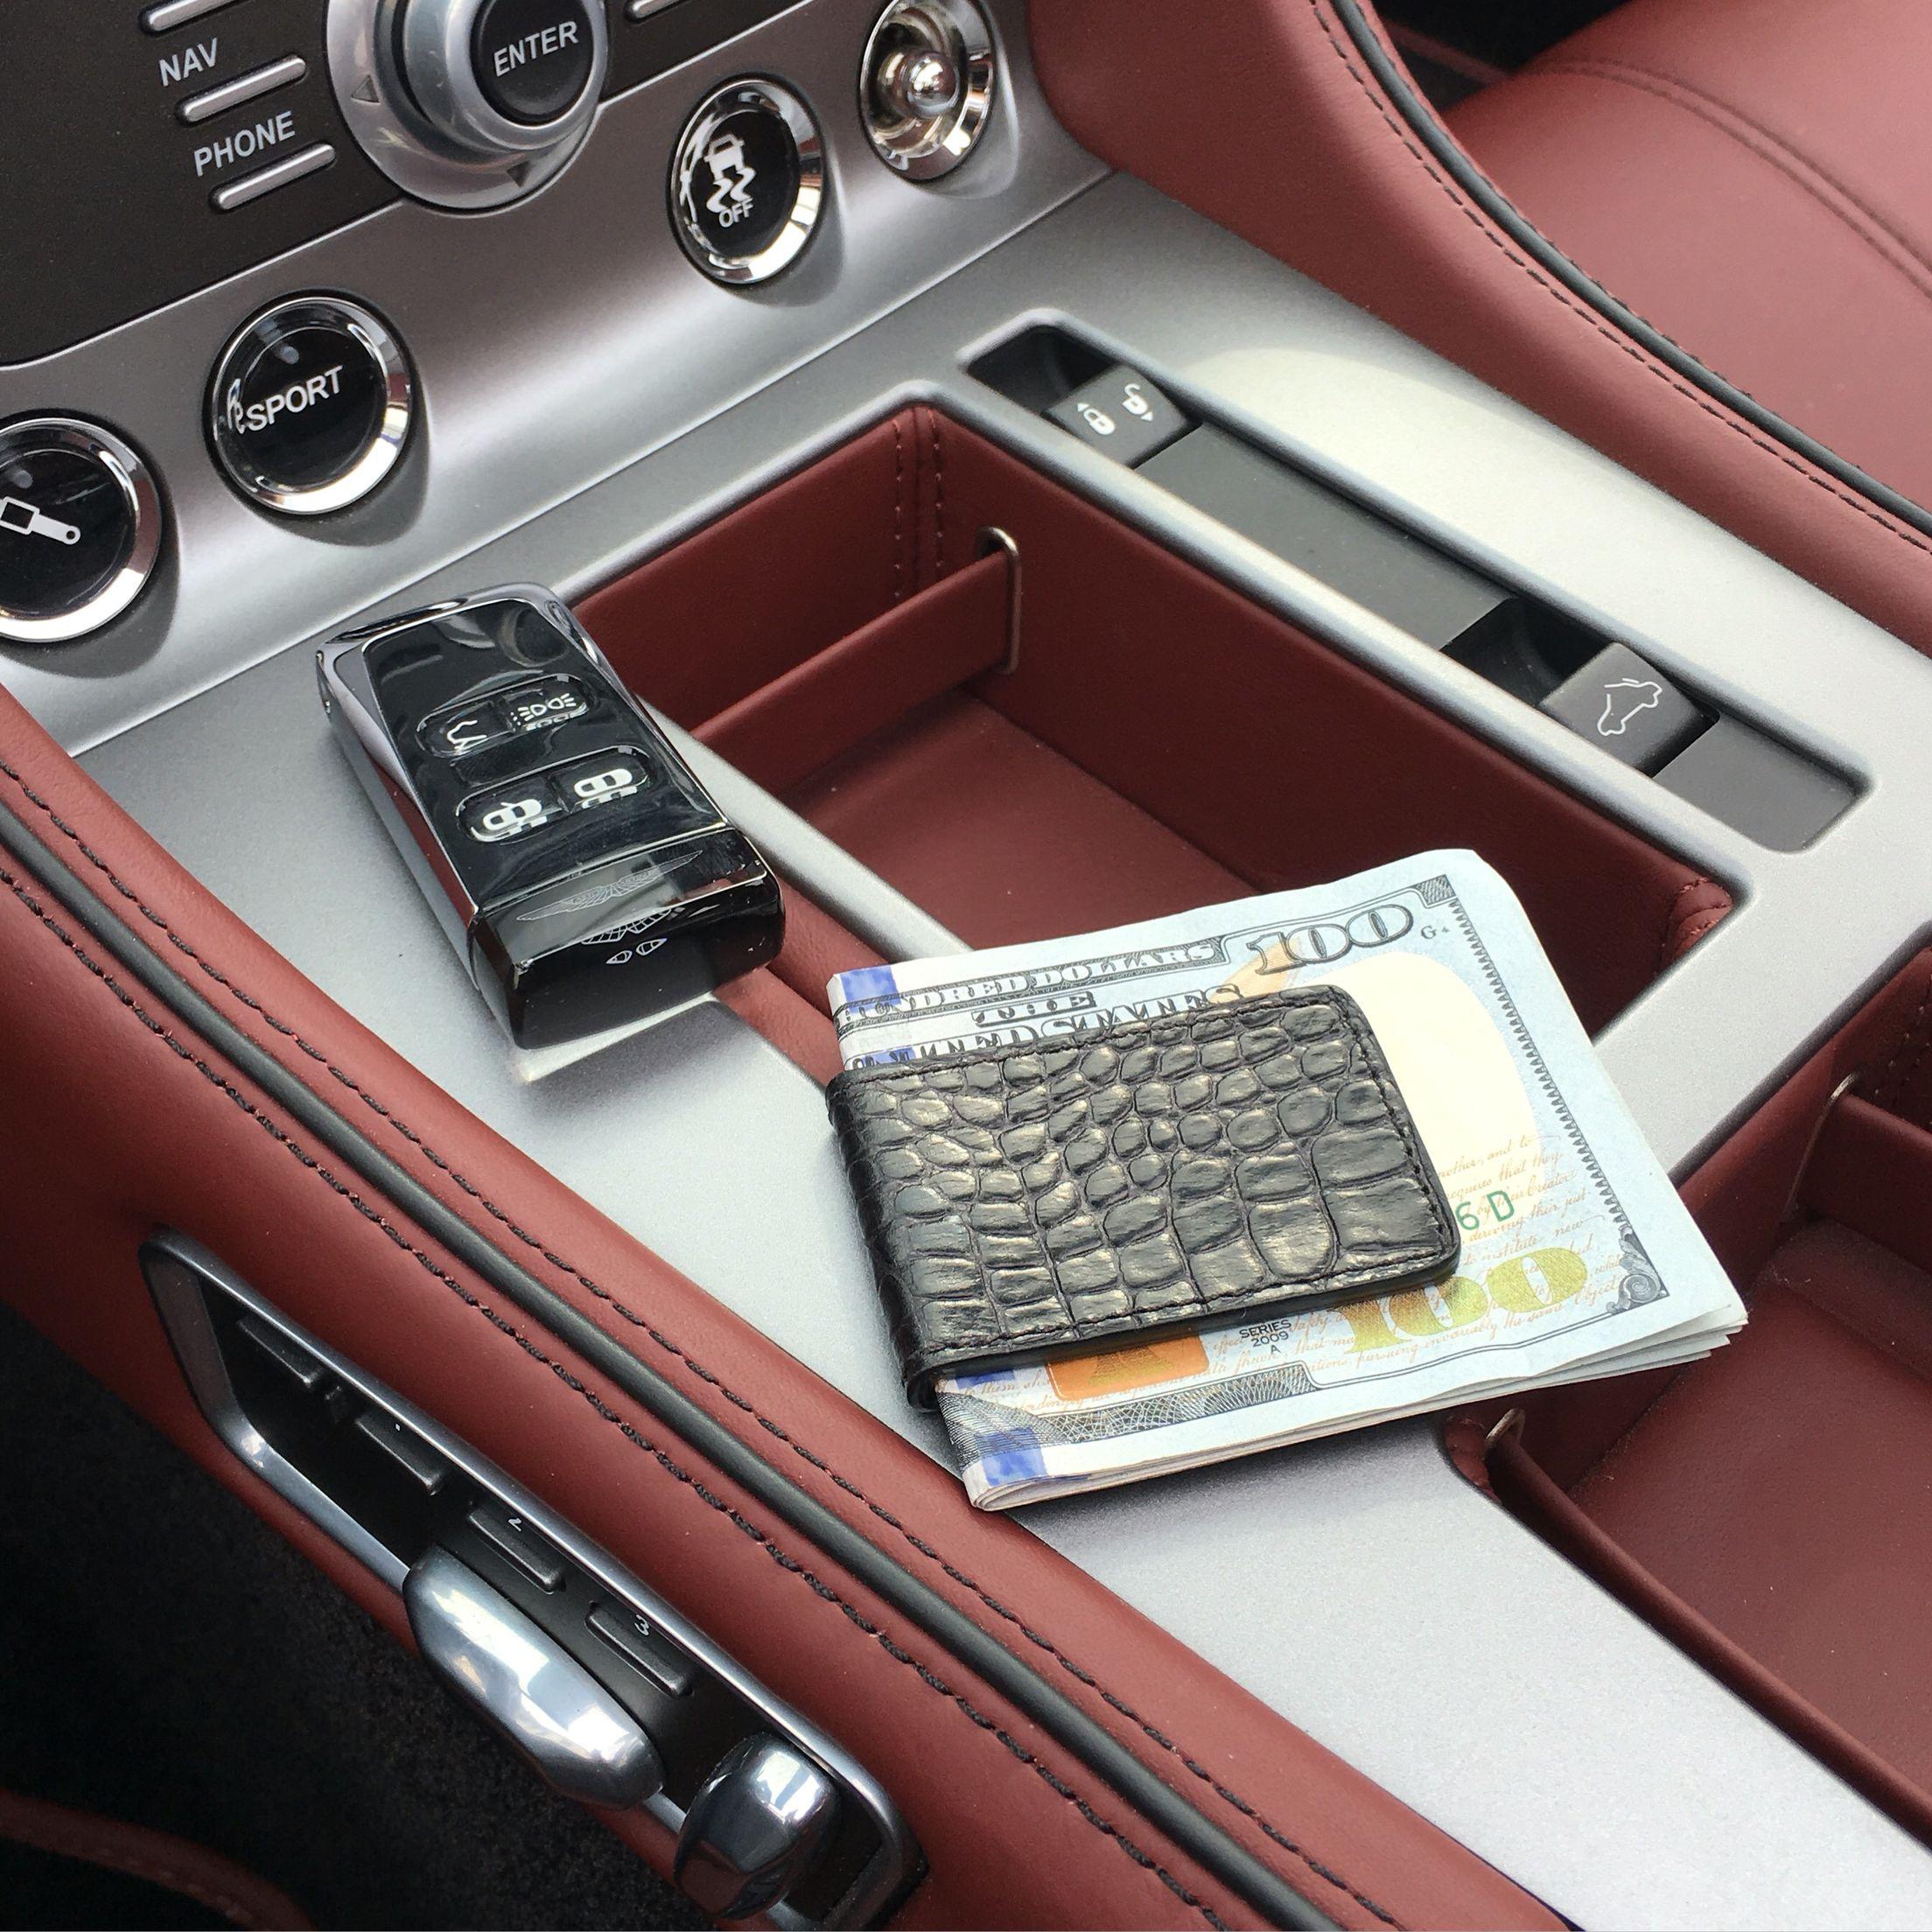 photos urus lamborghini autoblog pie chart gallery money photo live reveal shots clip sales